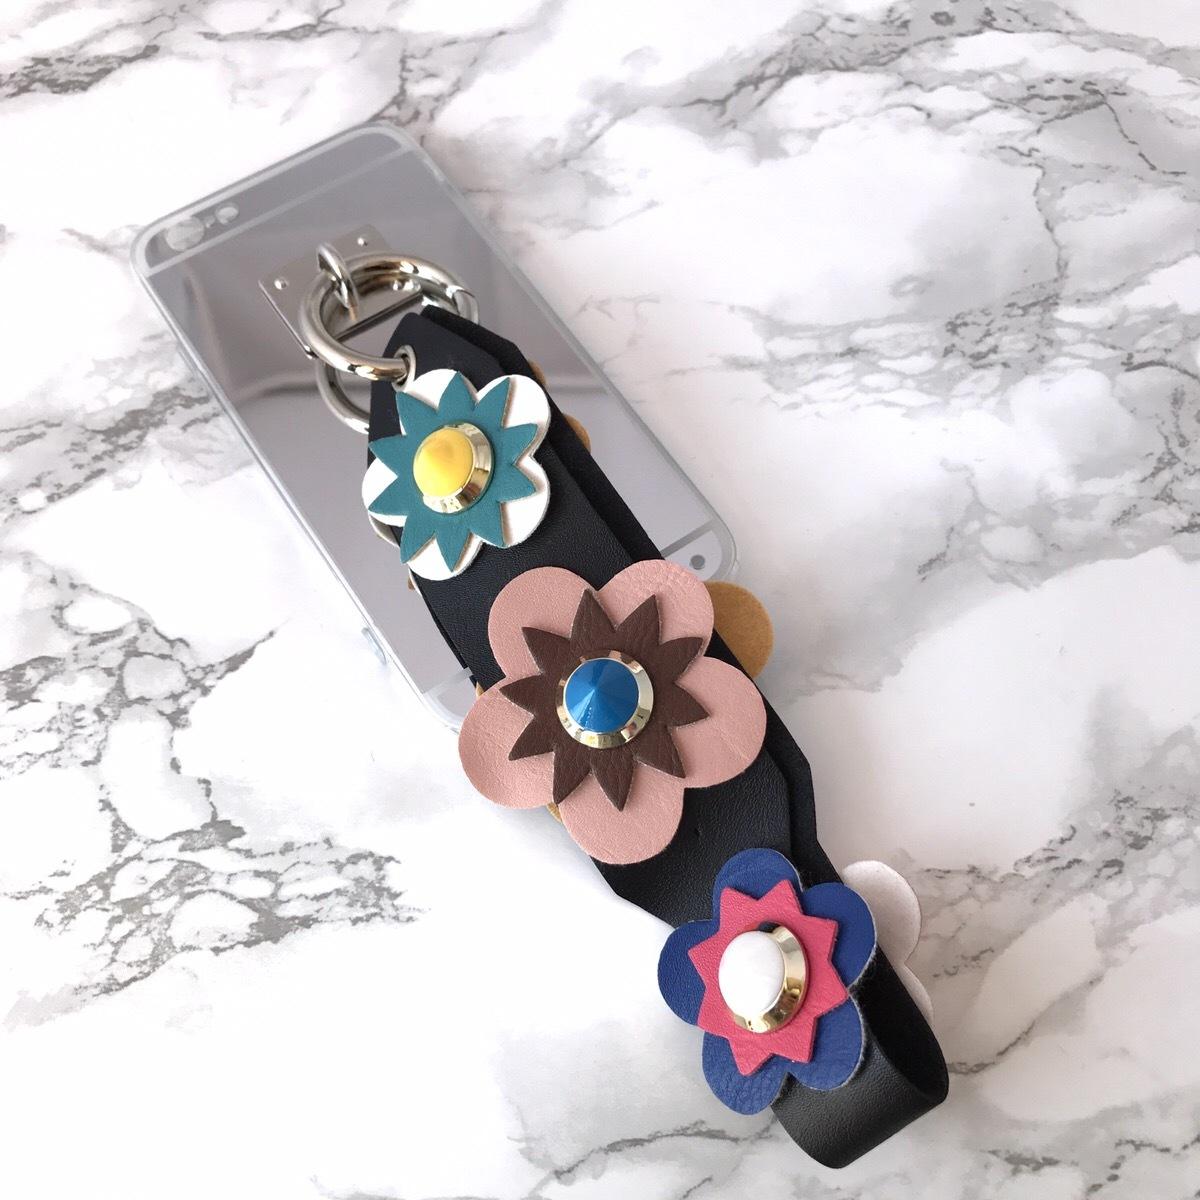 【即納★送料無料】ミラーソフトケース&お花フラワー スタッズ ストラップ付 iPhoneケース